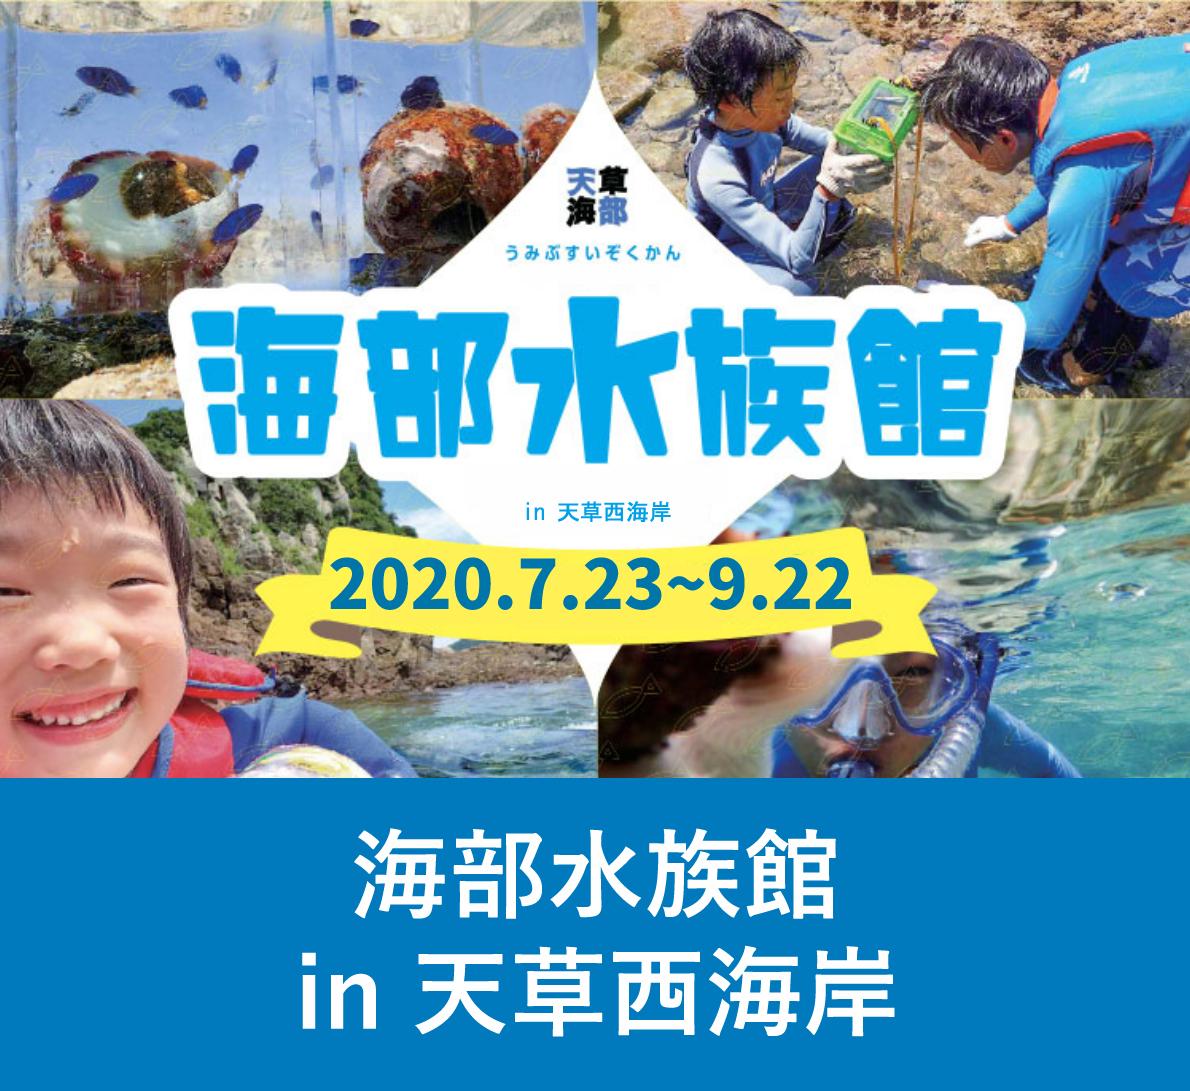 海部水族館in 天草西海岸